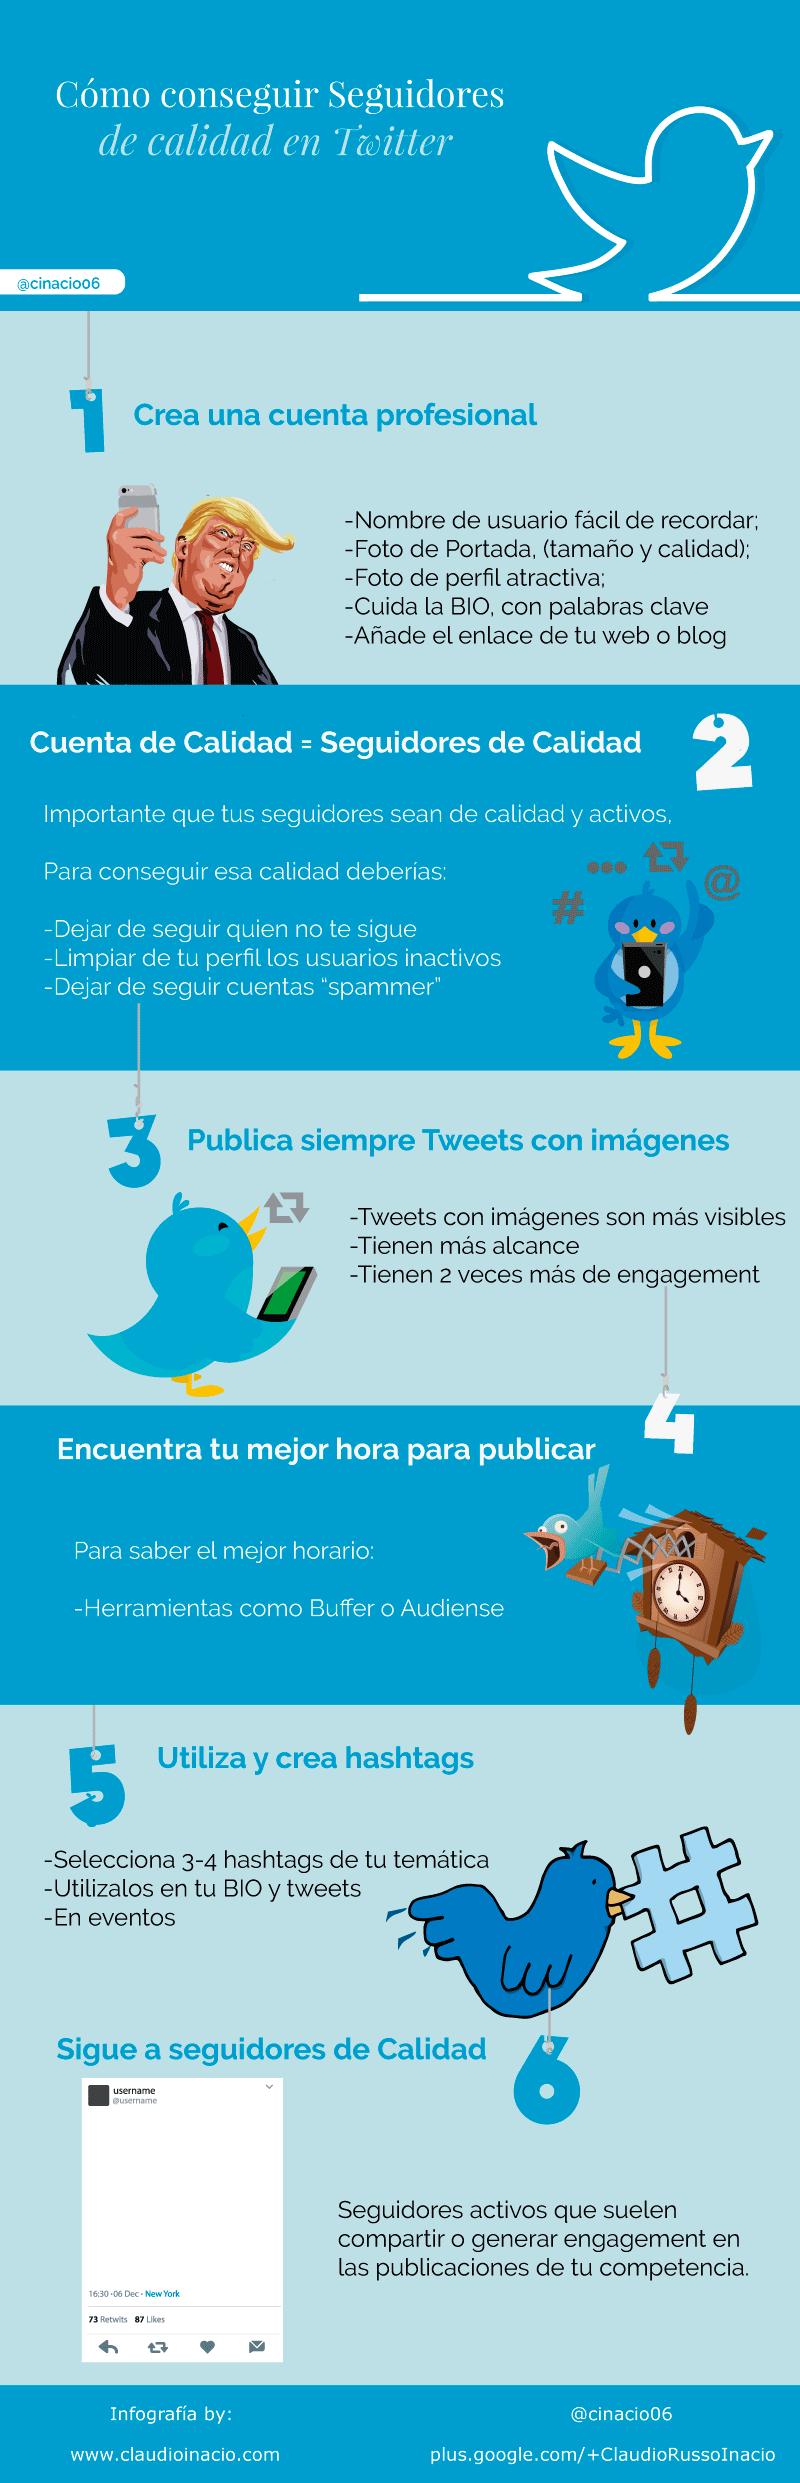 Cómo Conseguir Seguidores De Calidad En Twitter Infografia Infographic Socialmedia Tics Y Formación Estrategia De Marketing Digital Estrategias De Marketing Redes Sociales